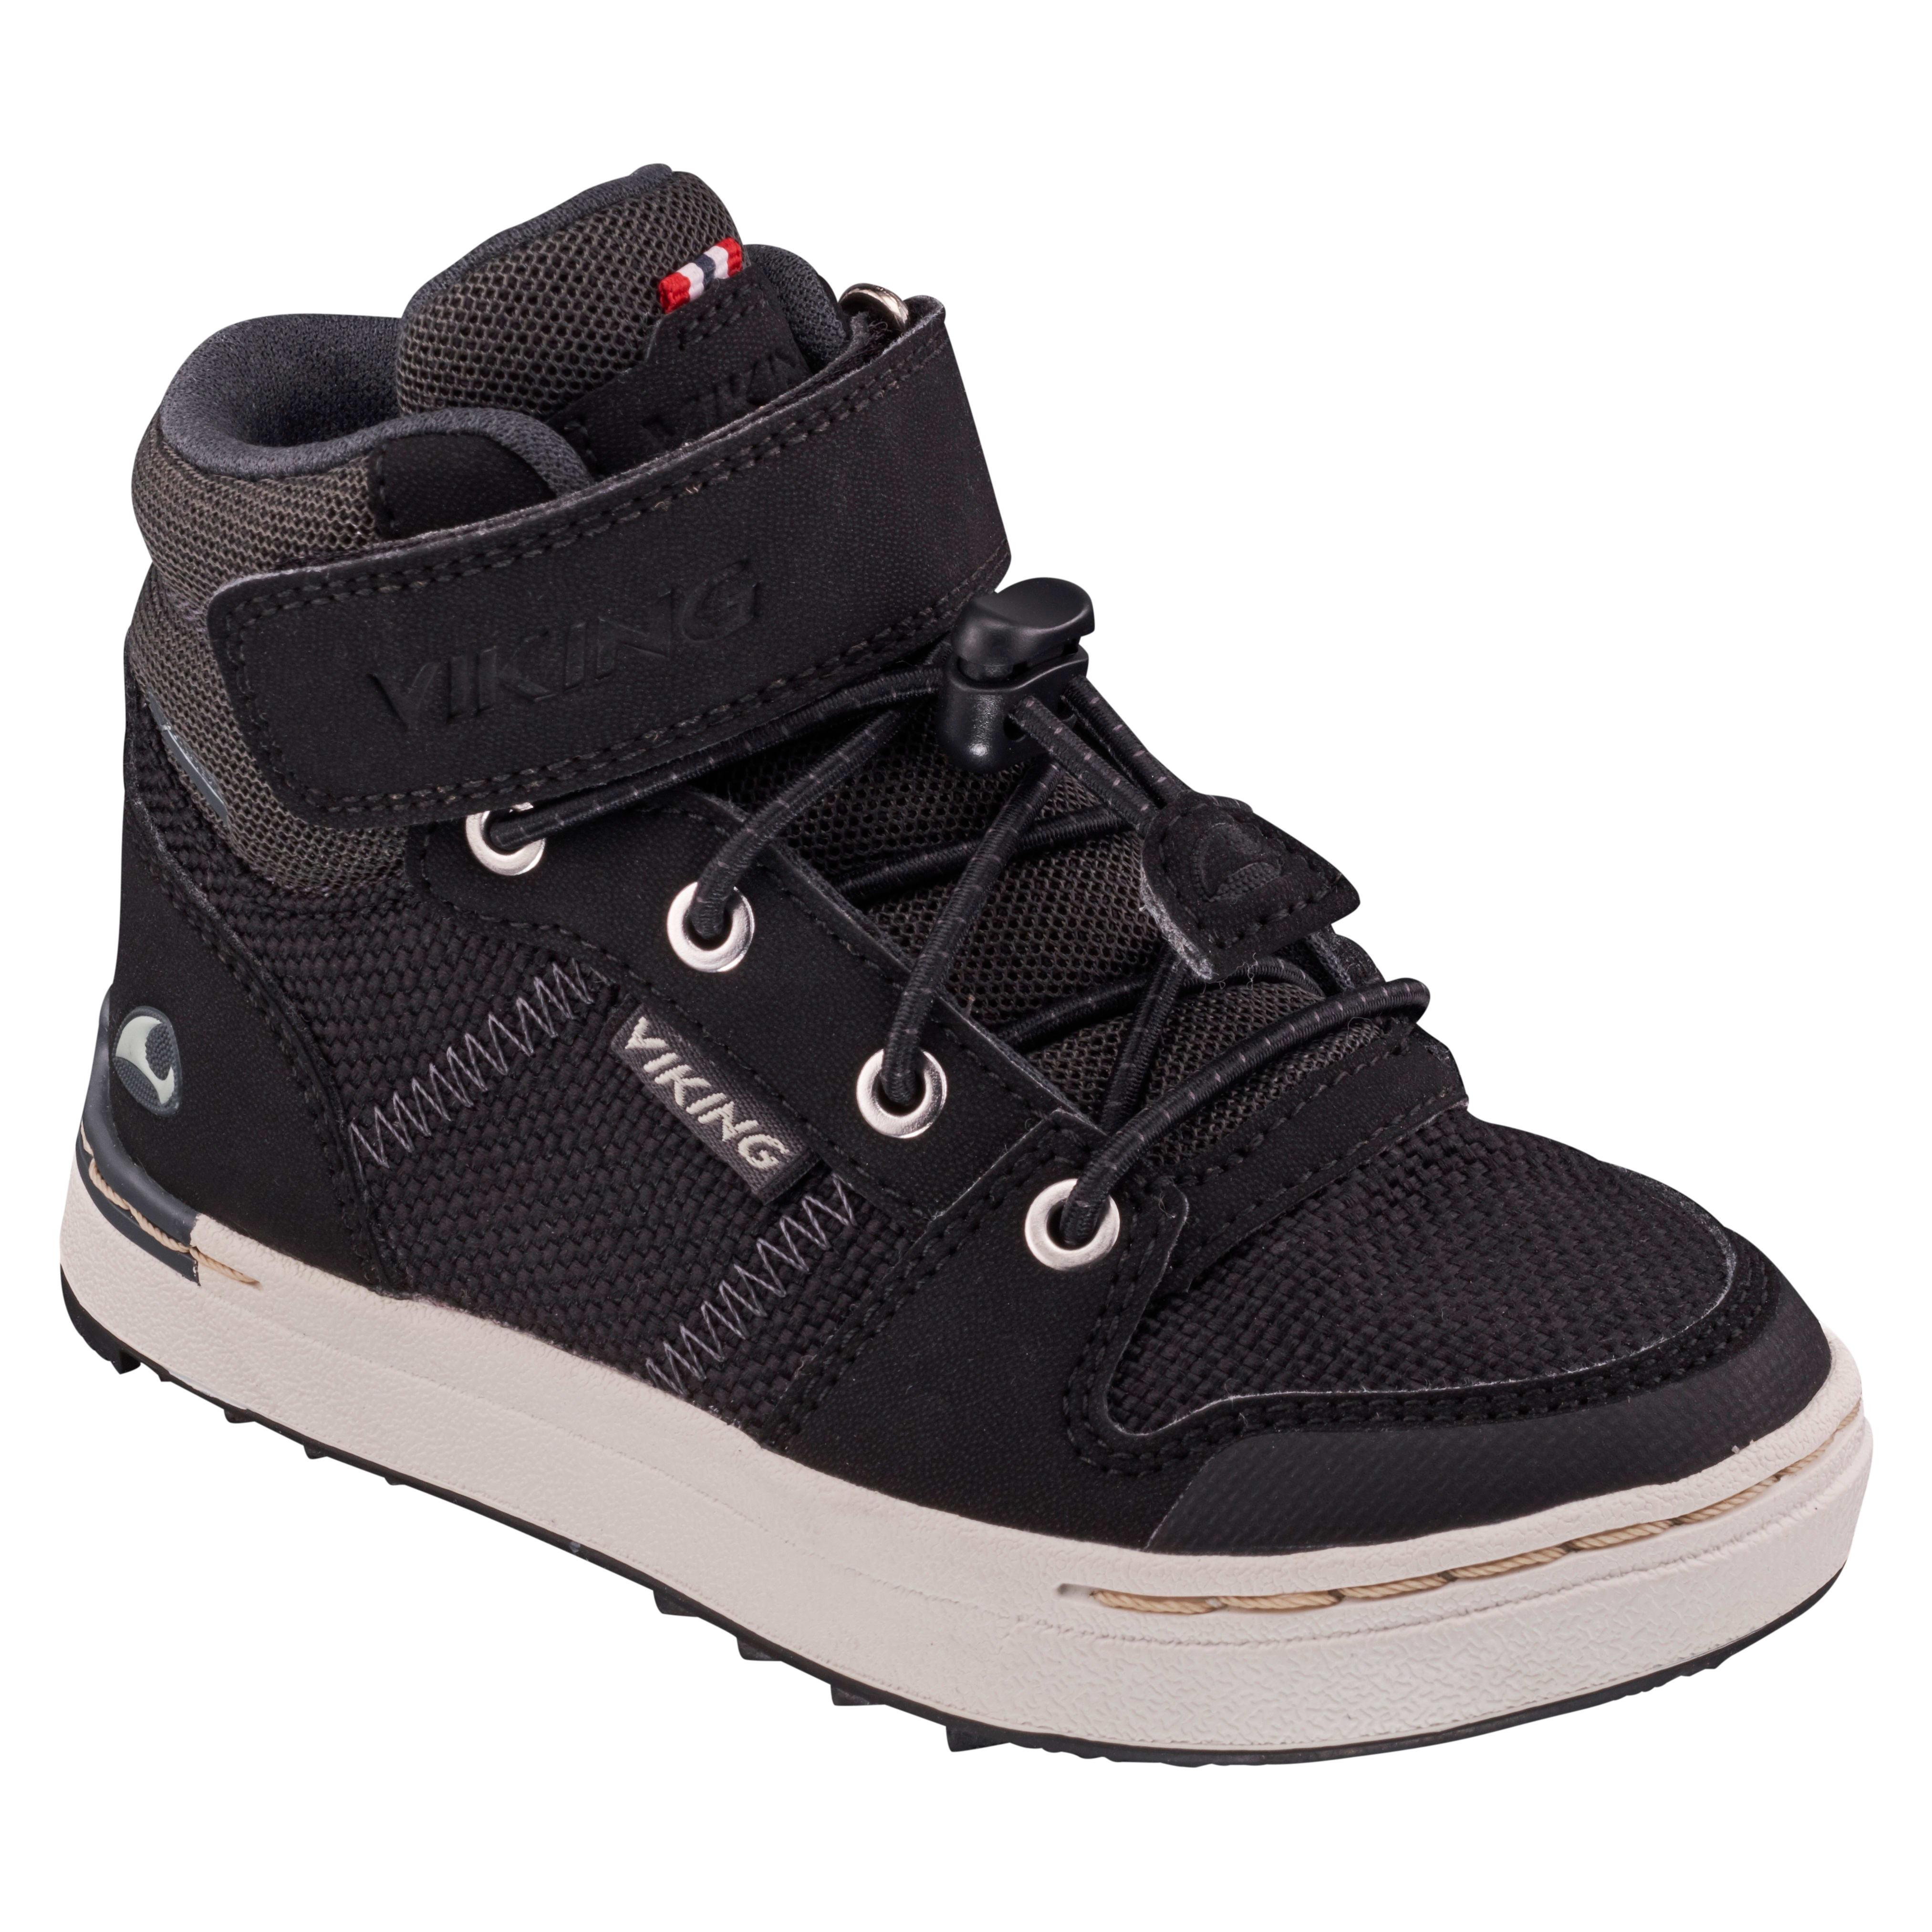 Köp Viking Footwear Kid's Tonsen Mid Gore Tex hos Outnorth